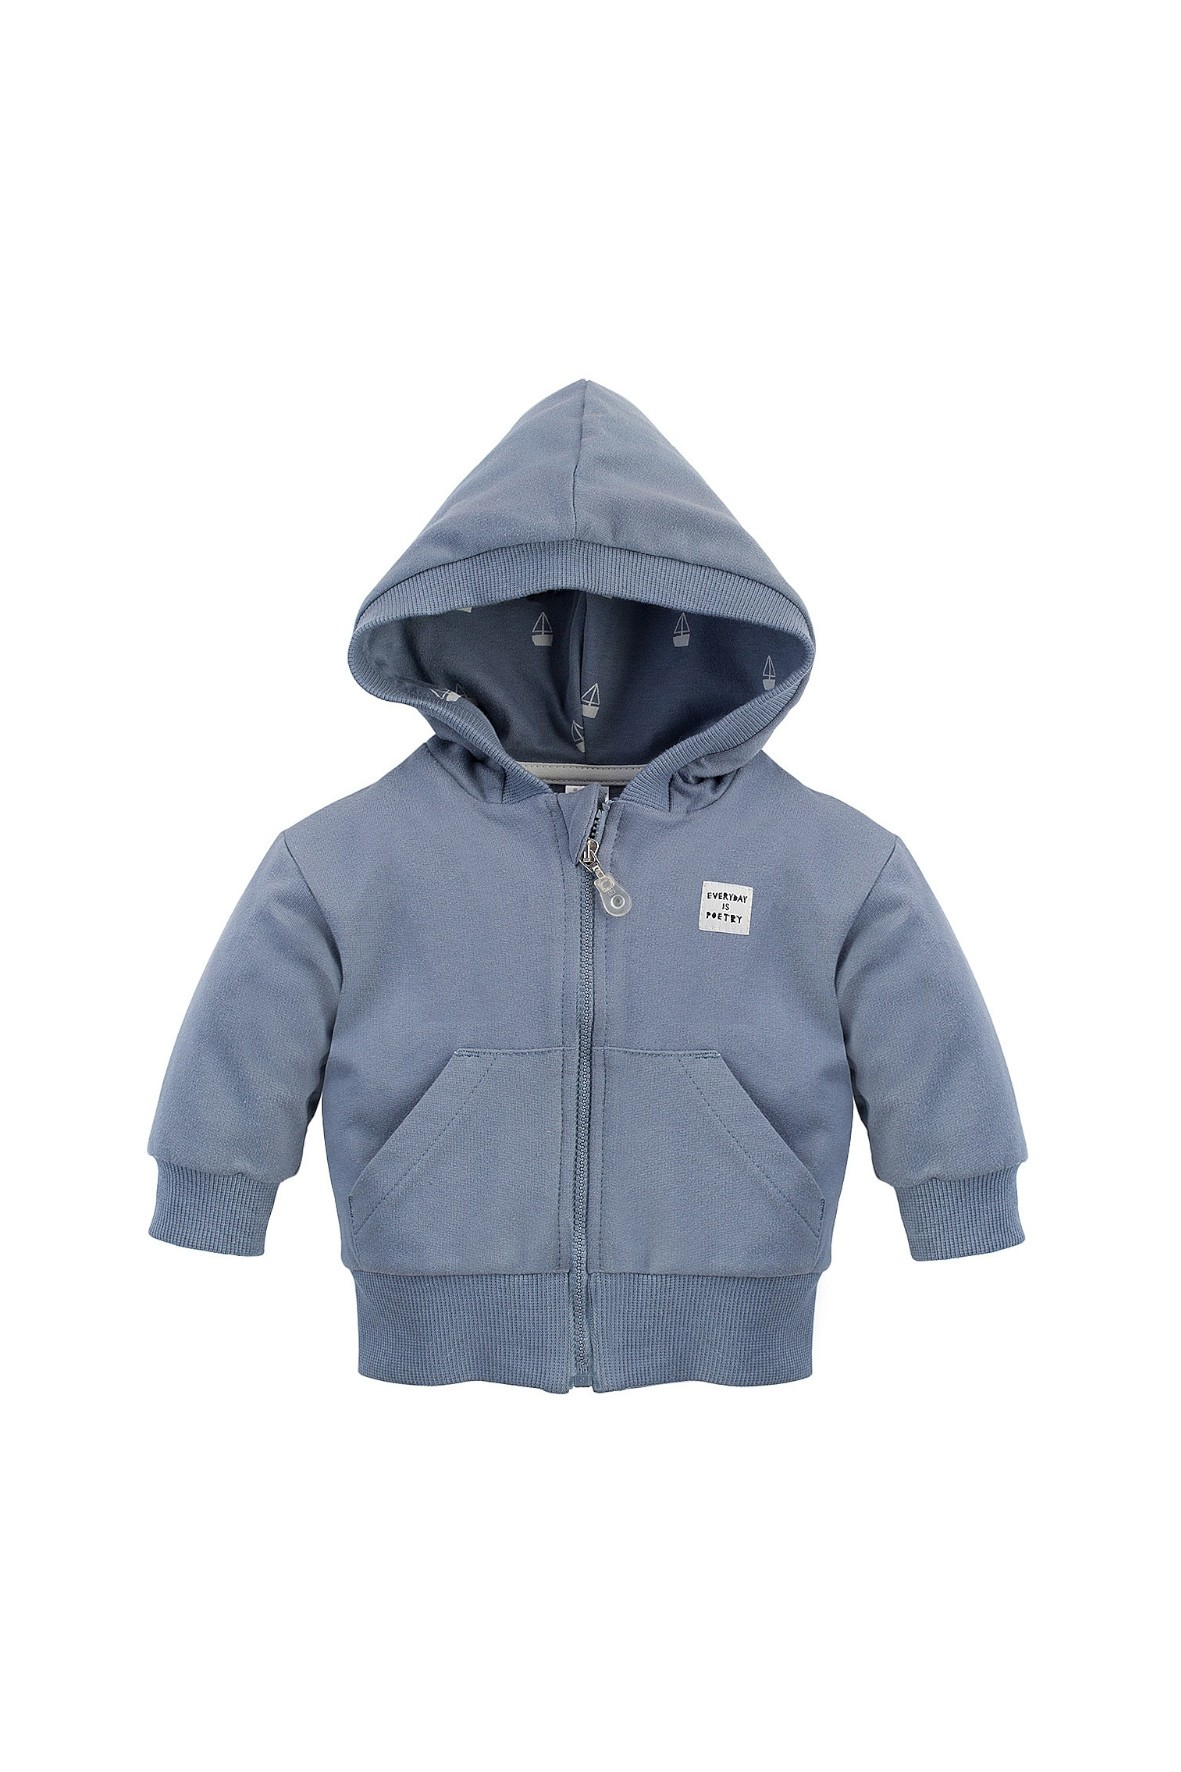 Bawełniana bluza dziecięca, z szarej dresówki, zapinana na całej długości na bezpieczny suwak